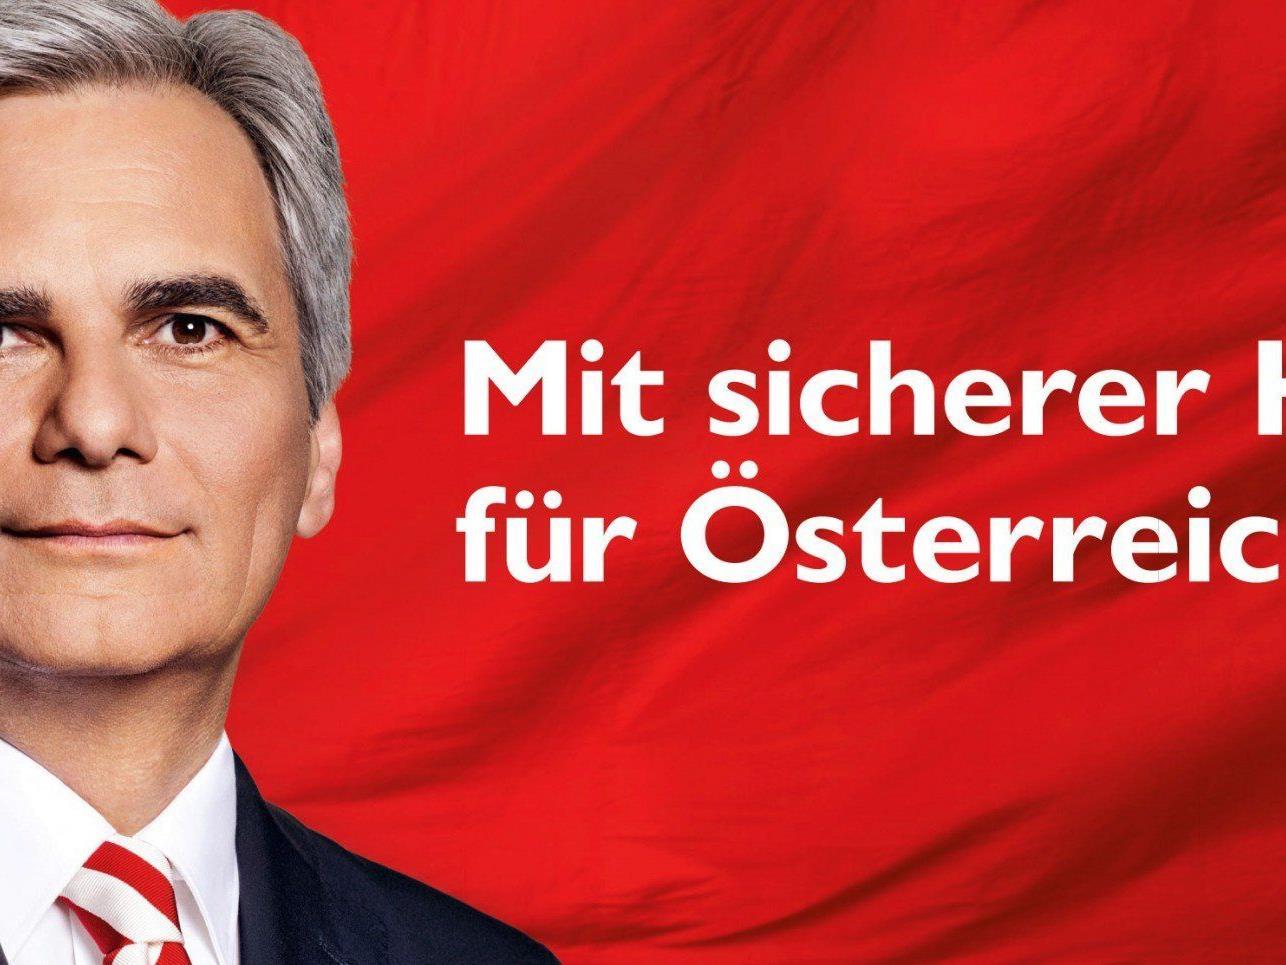 Eines der SPÖ-Plakate um die sich die Vorwürfe drehen.